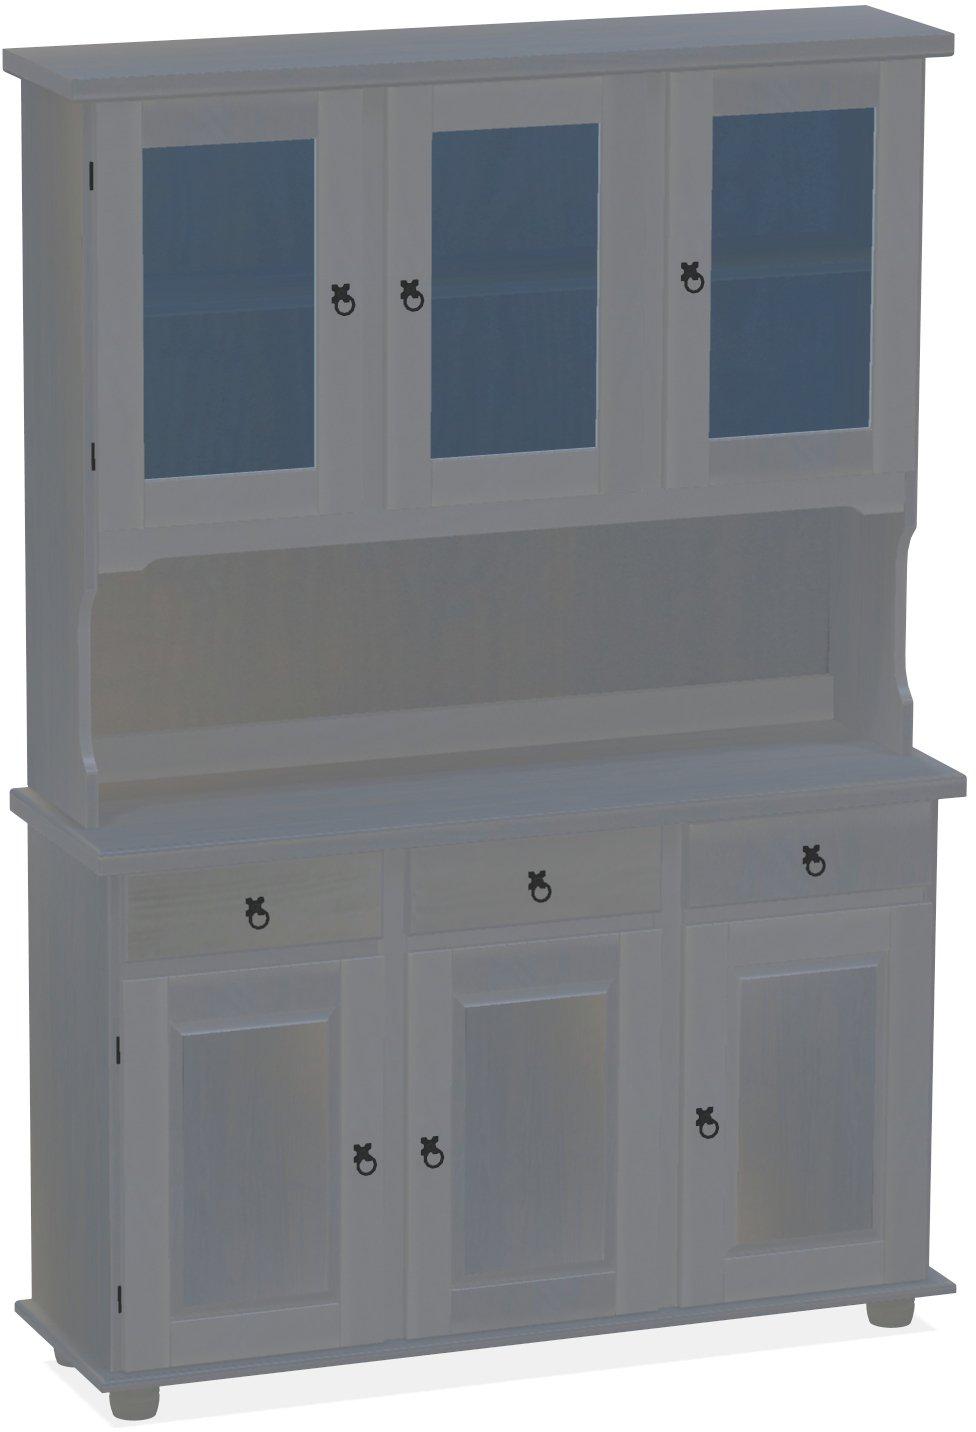 Brasilmöbel Highboard, Pinie Massivholz, geölt und gewachst Seidengrau, L/B/H: 129 x 40 x 187 cm